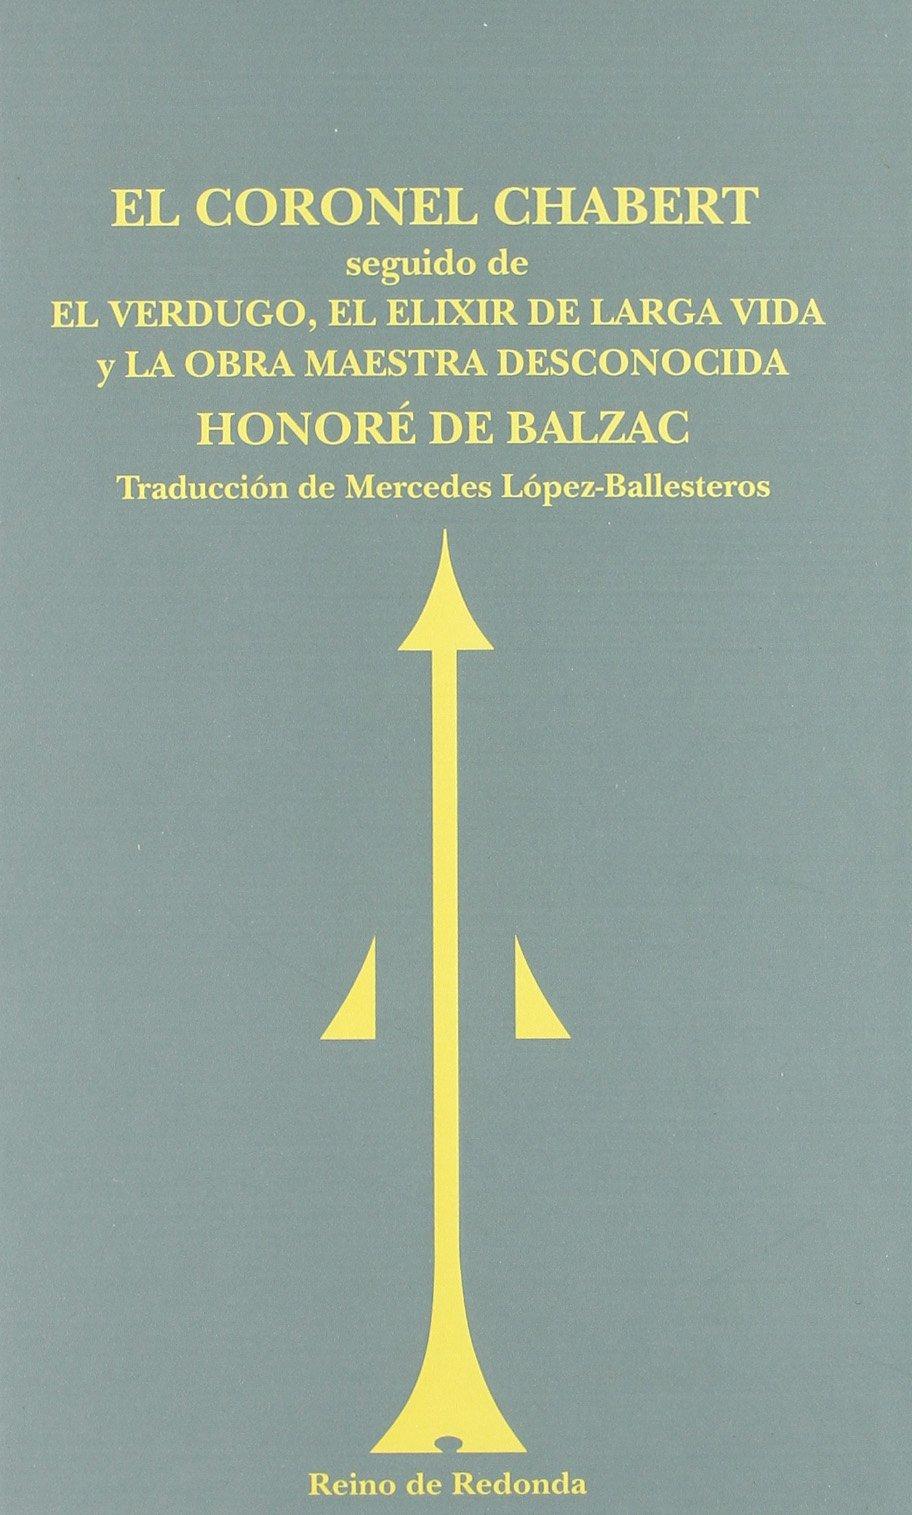 El coronel Chabert: Seguido de El verdugo, El elixir de larga vida y La obra maestra desconocida SIN ASIGNAR: Amazon.es: Honoré De Balzac: Libros